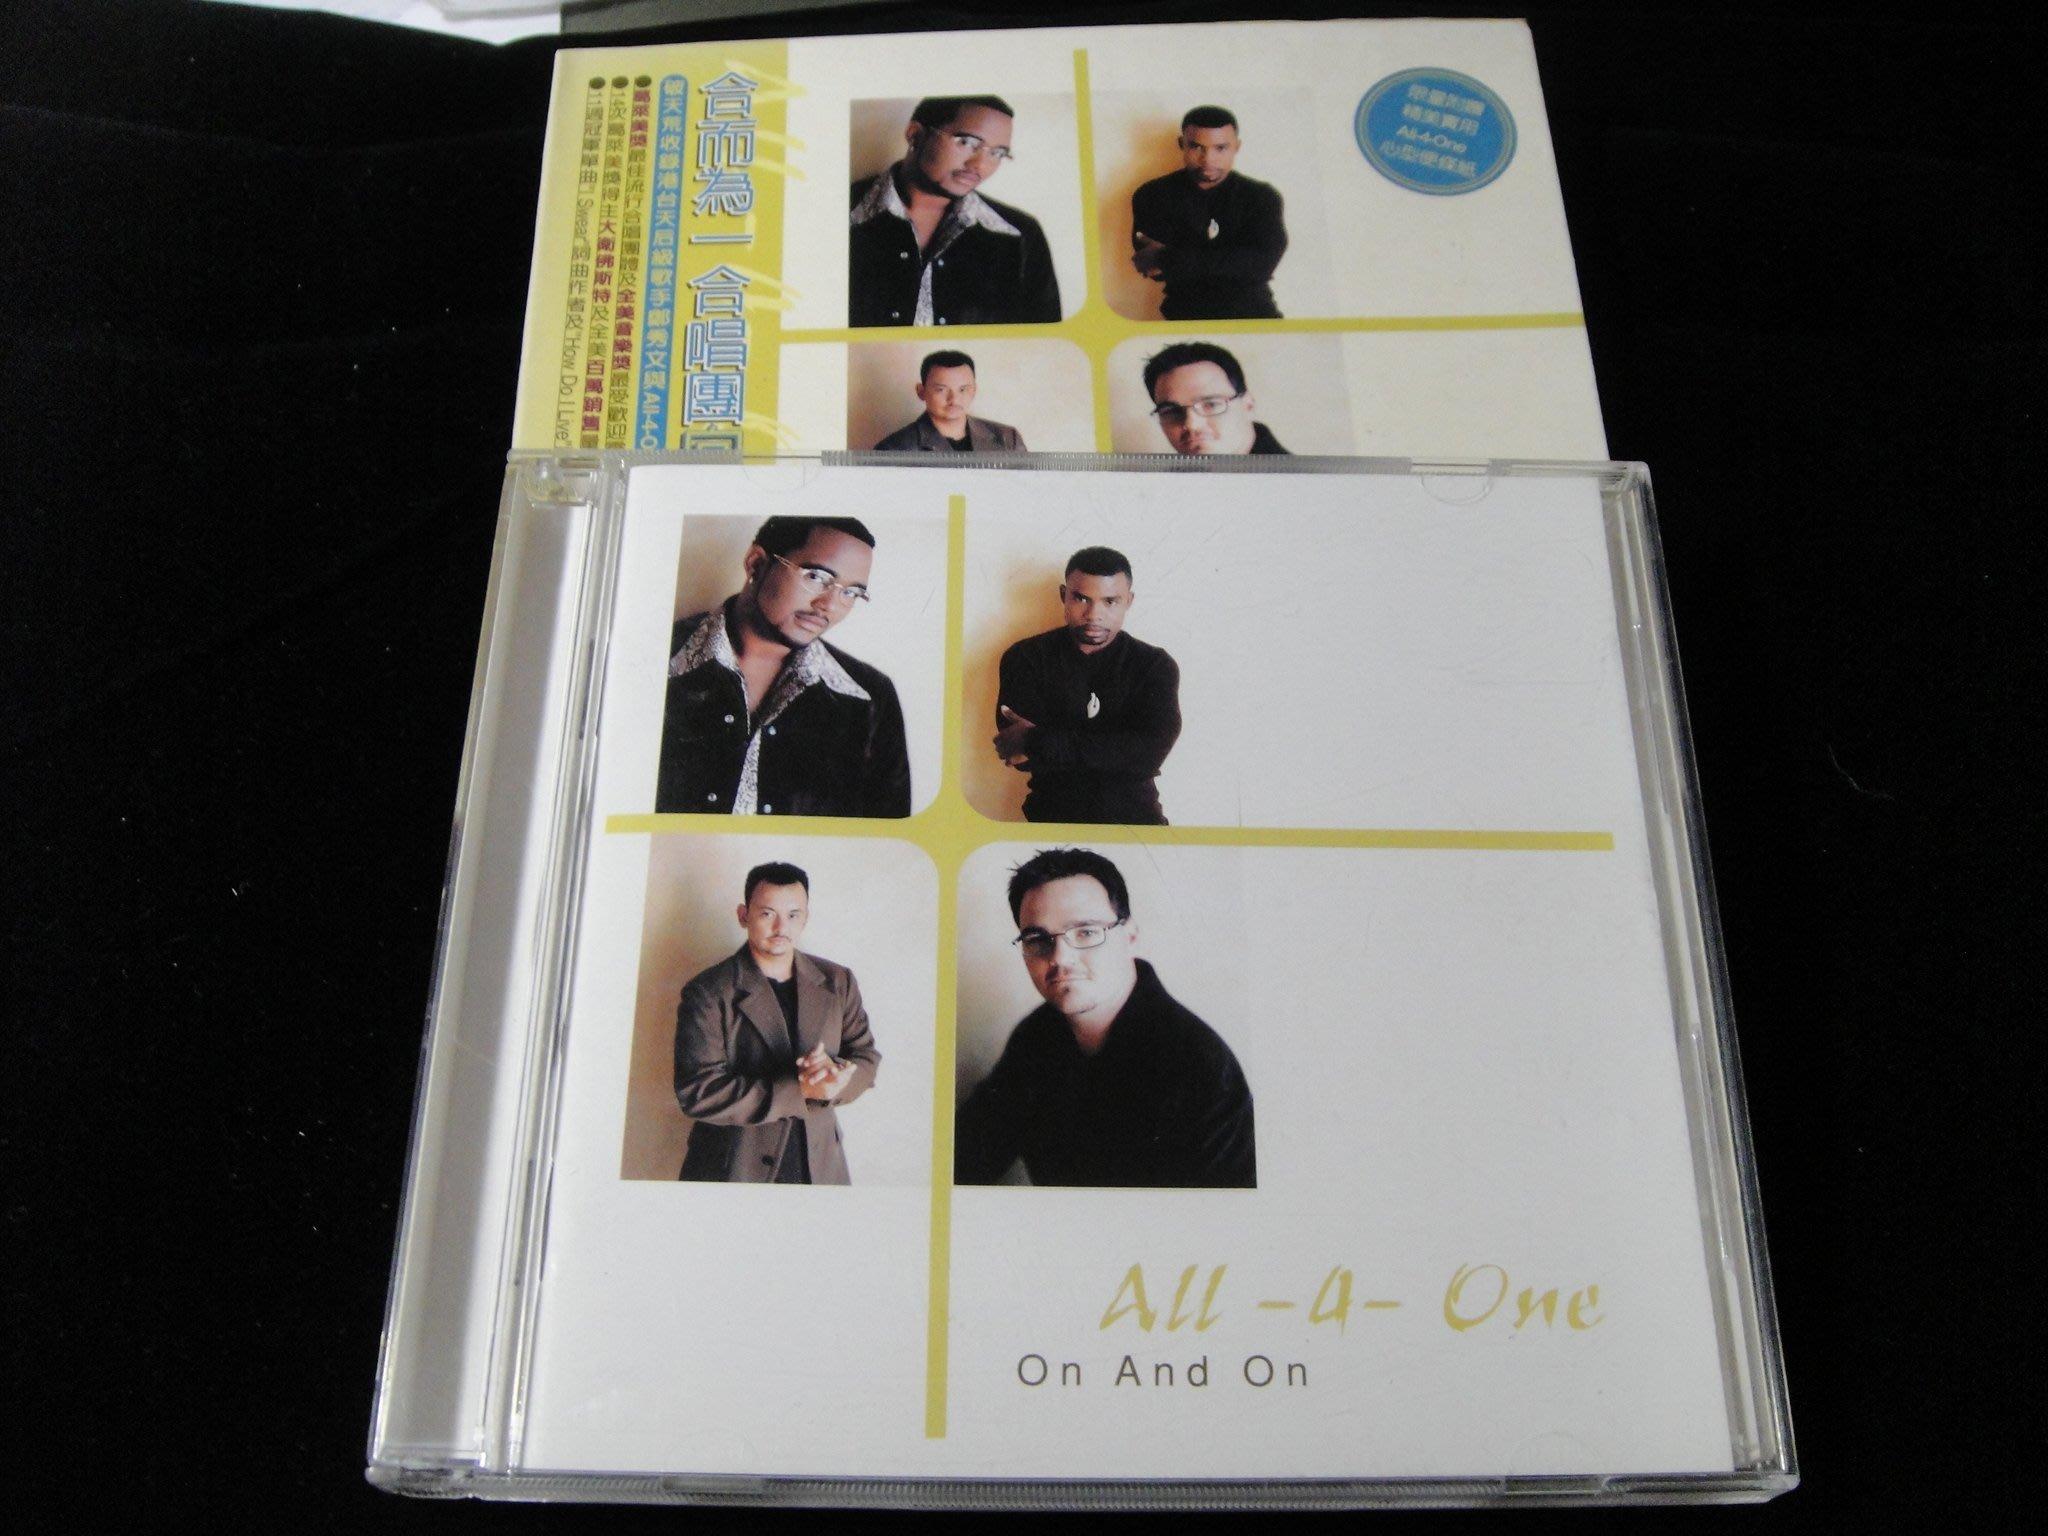 【198樂坊】ALL-4-ONE ON AND ON(Keep It Goin' On...台版 )CB